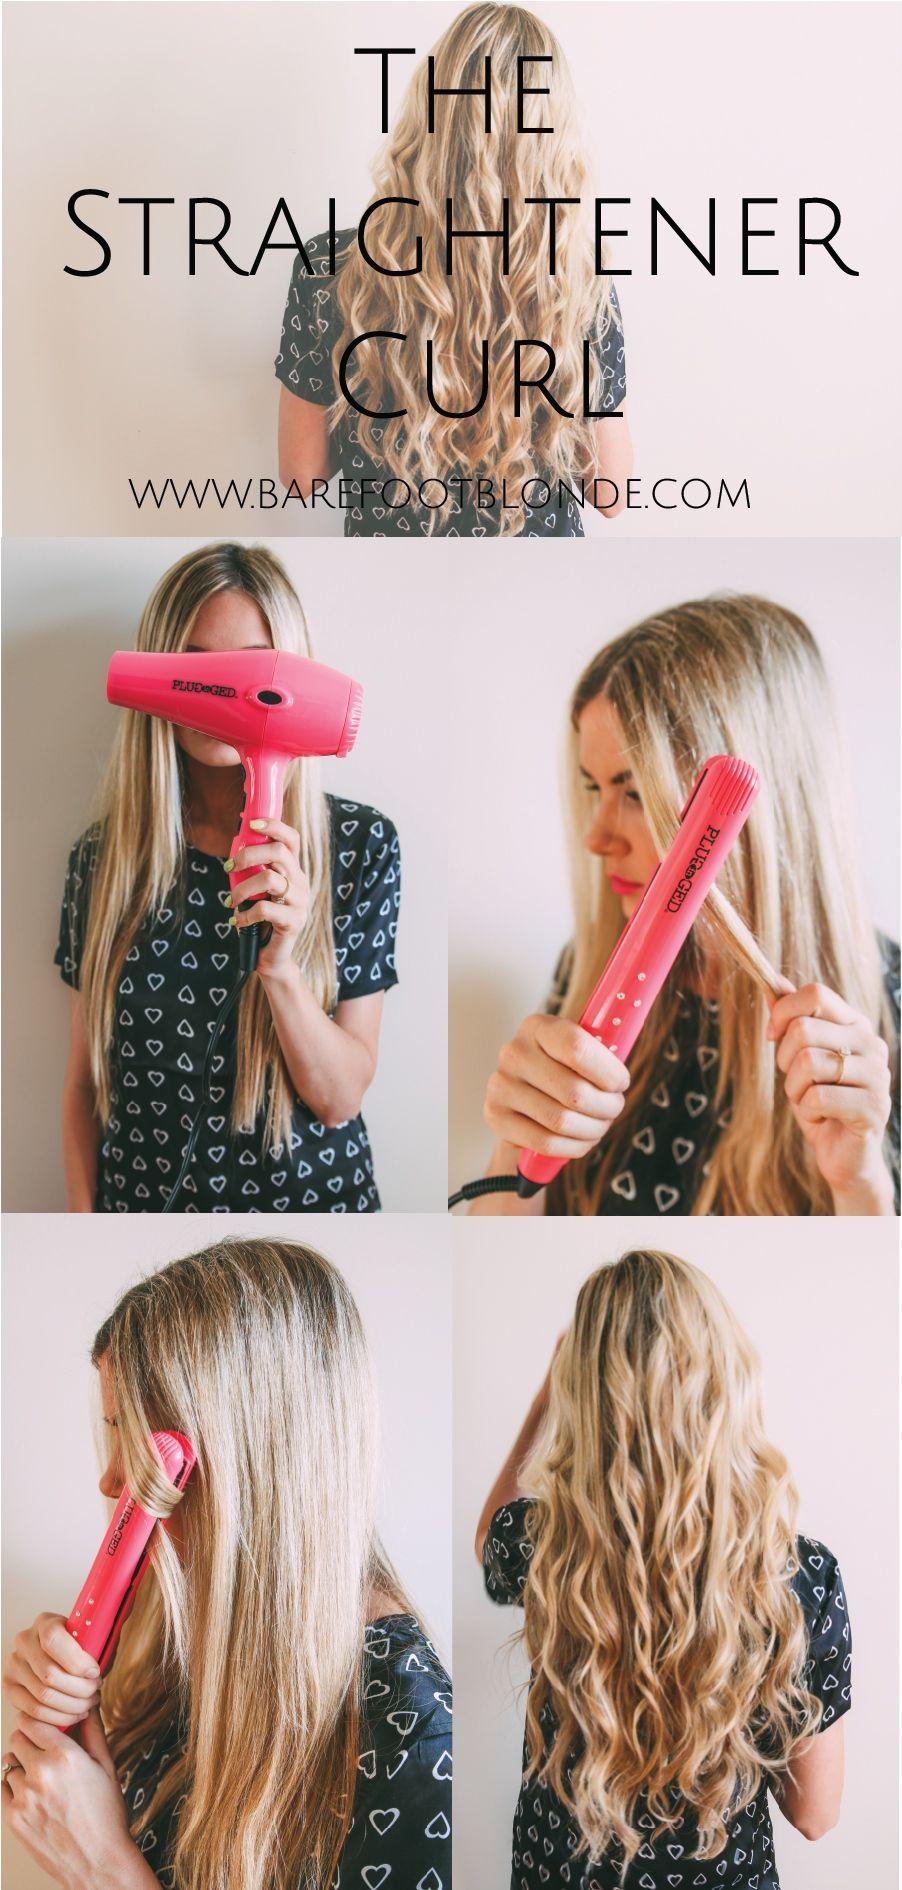 Straightener Curls On Pinterest Lipstick Mac Hair